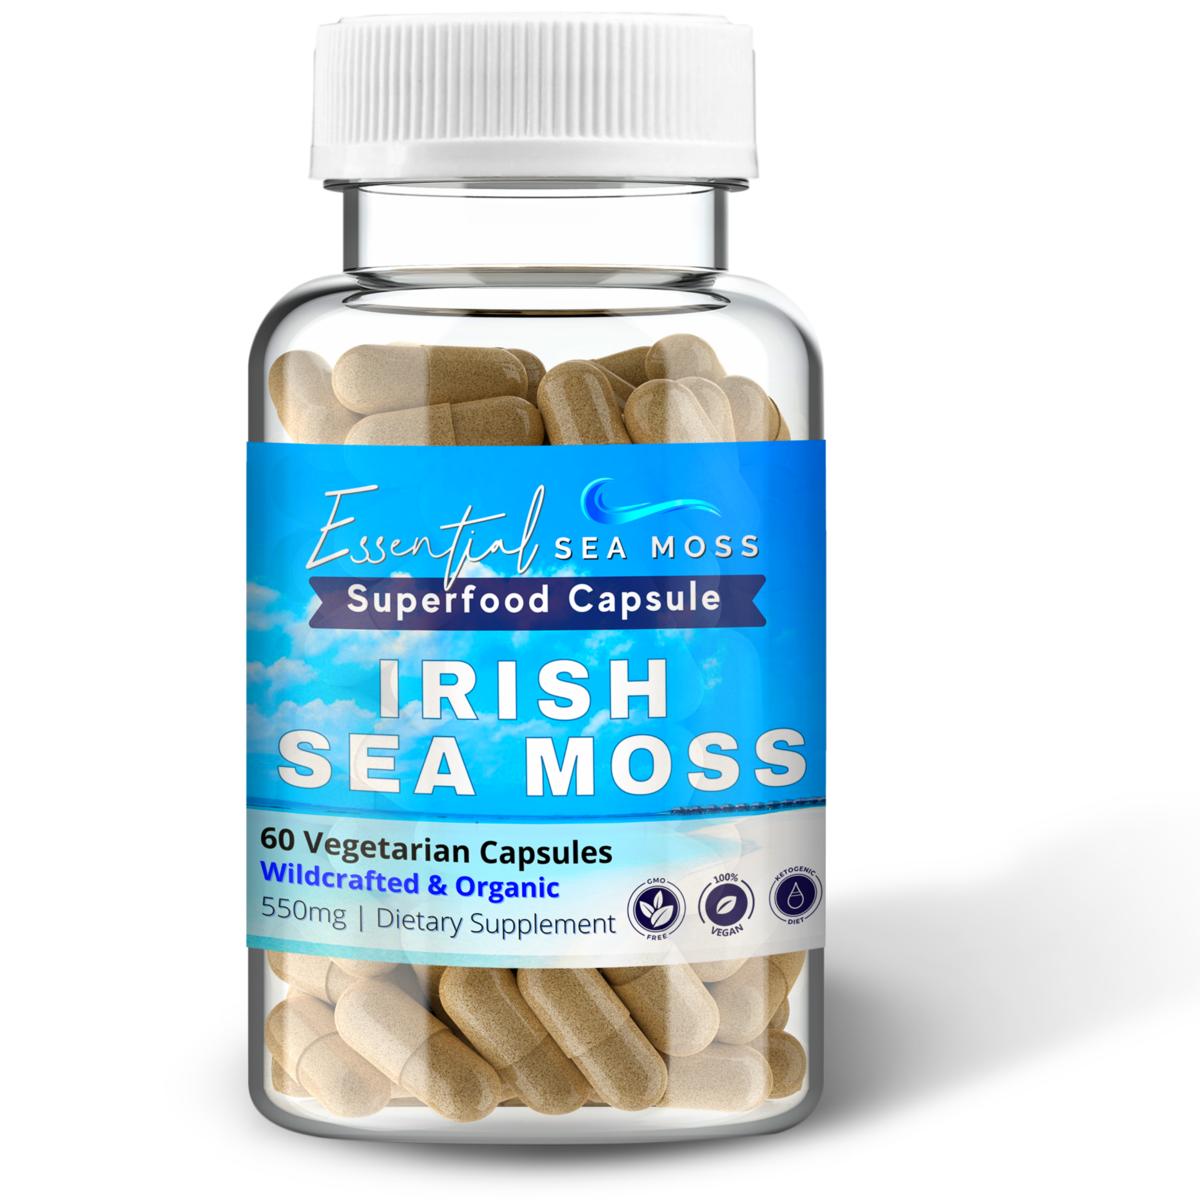 Organic Irish Sea Moss 60 Capsules Essential Sea Moss In 2021 Sea Moss Irish Sea Moss